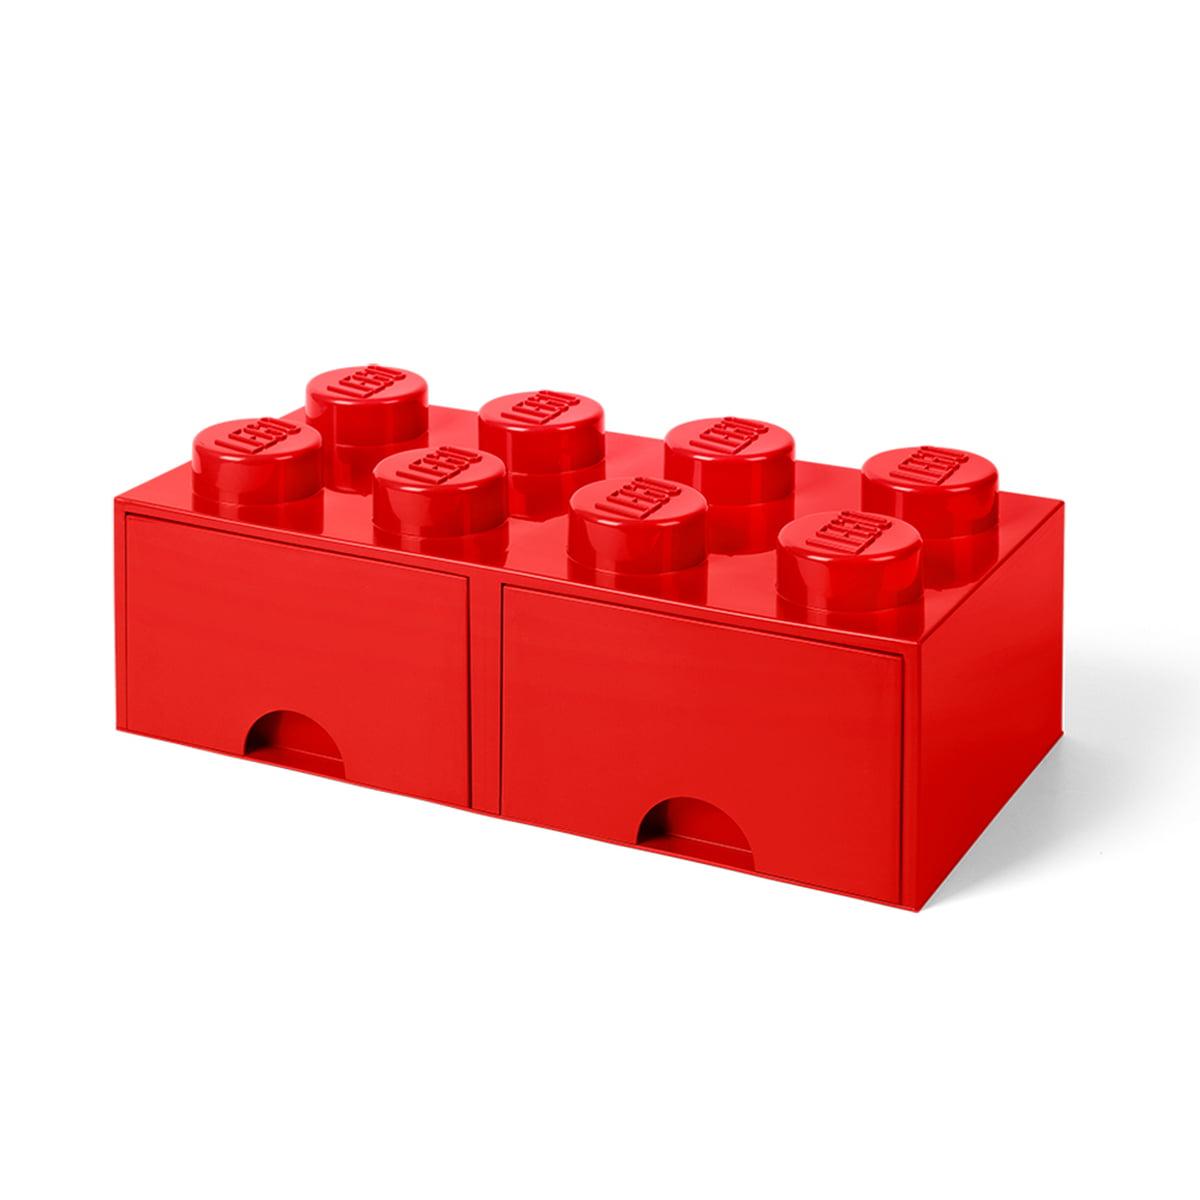 Lego - Brick Drawer 8 Aufbewahrungsbox, rot   Kinderzimmer > Spielzeuge   Rot   Lego